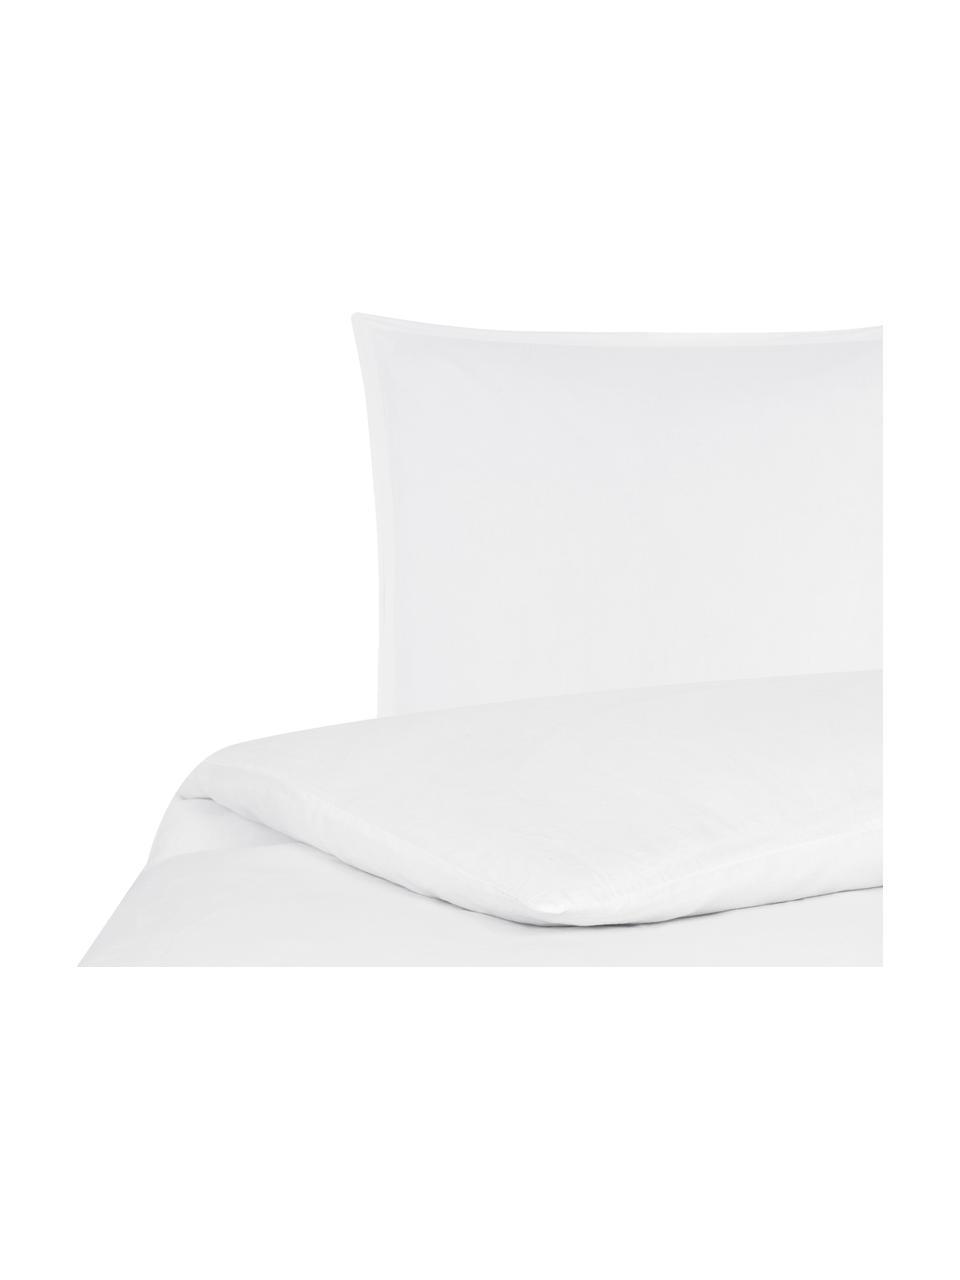 Pościel lniana z efektem sprania Nature, Biały, 135 x 200 cm + 1 poduszka 80 x 80 cm